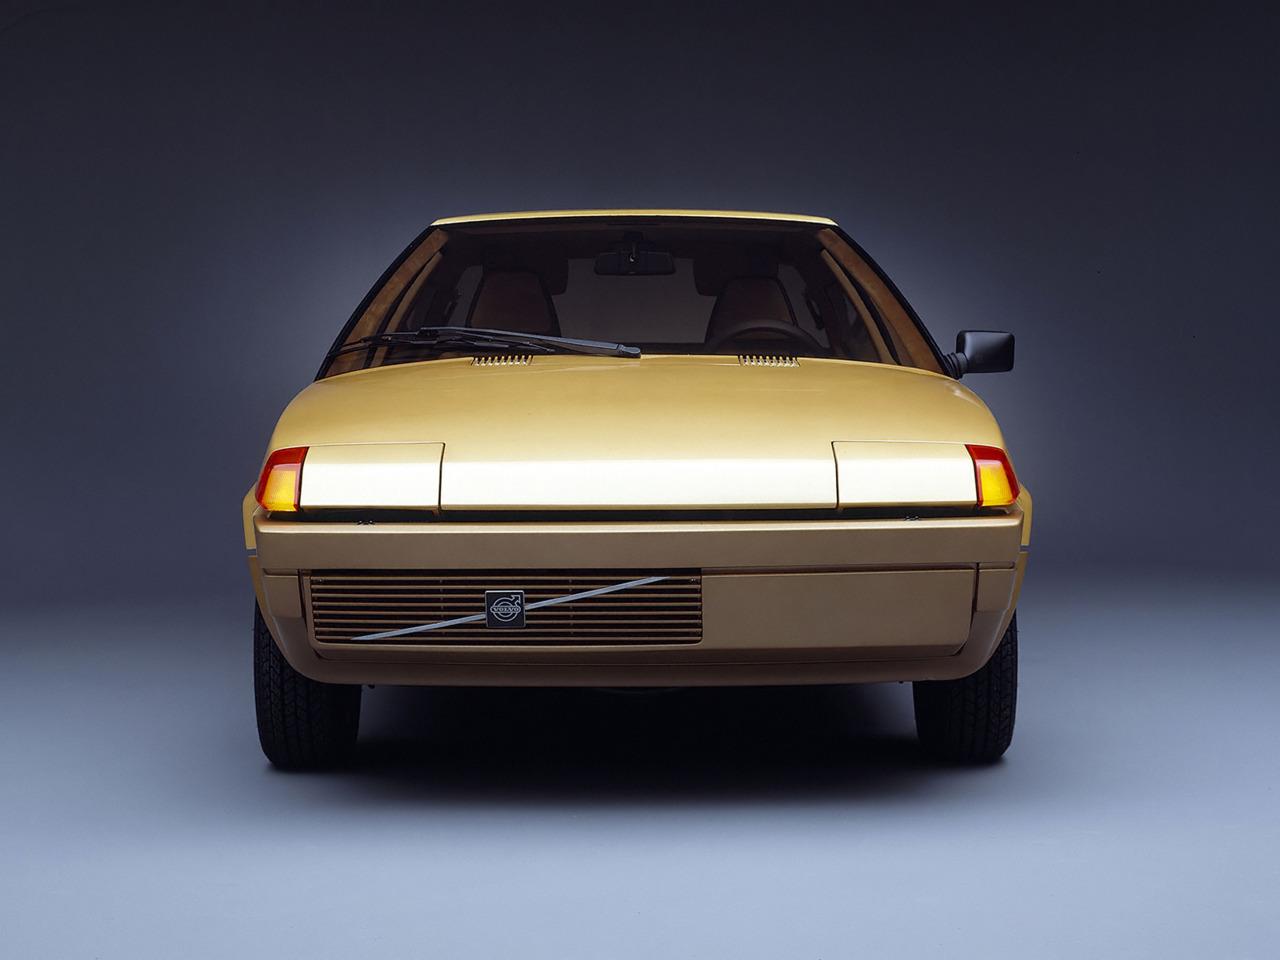 Tyrannosaure_1979_Bertone-Volvo-Tundra_04.jpg